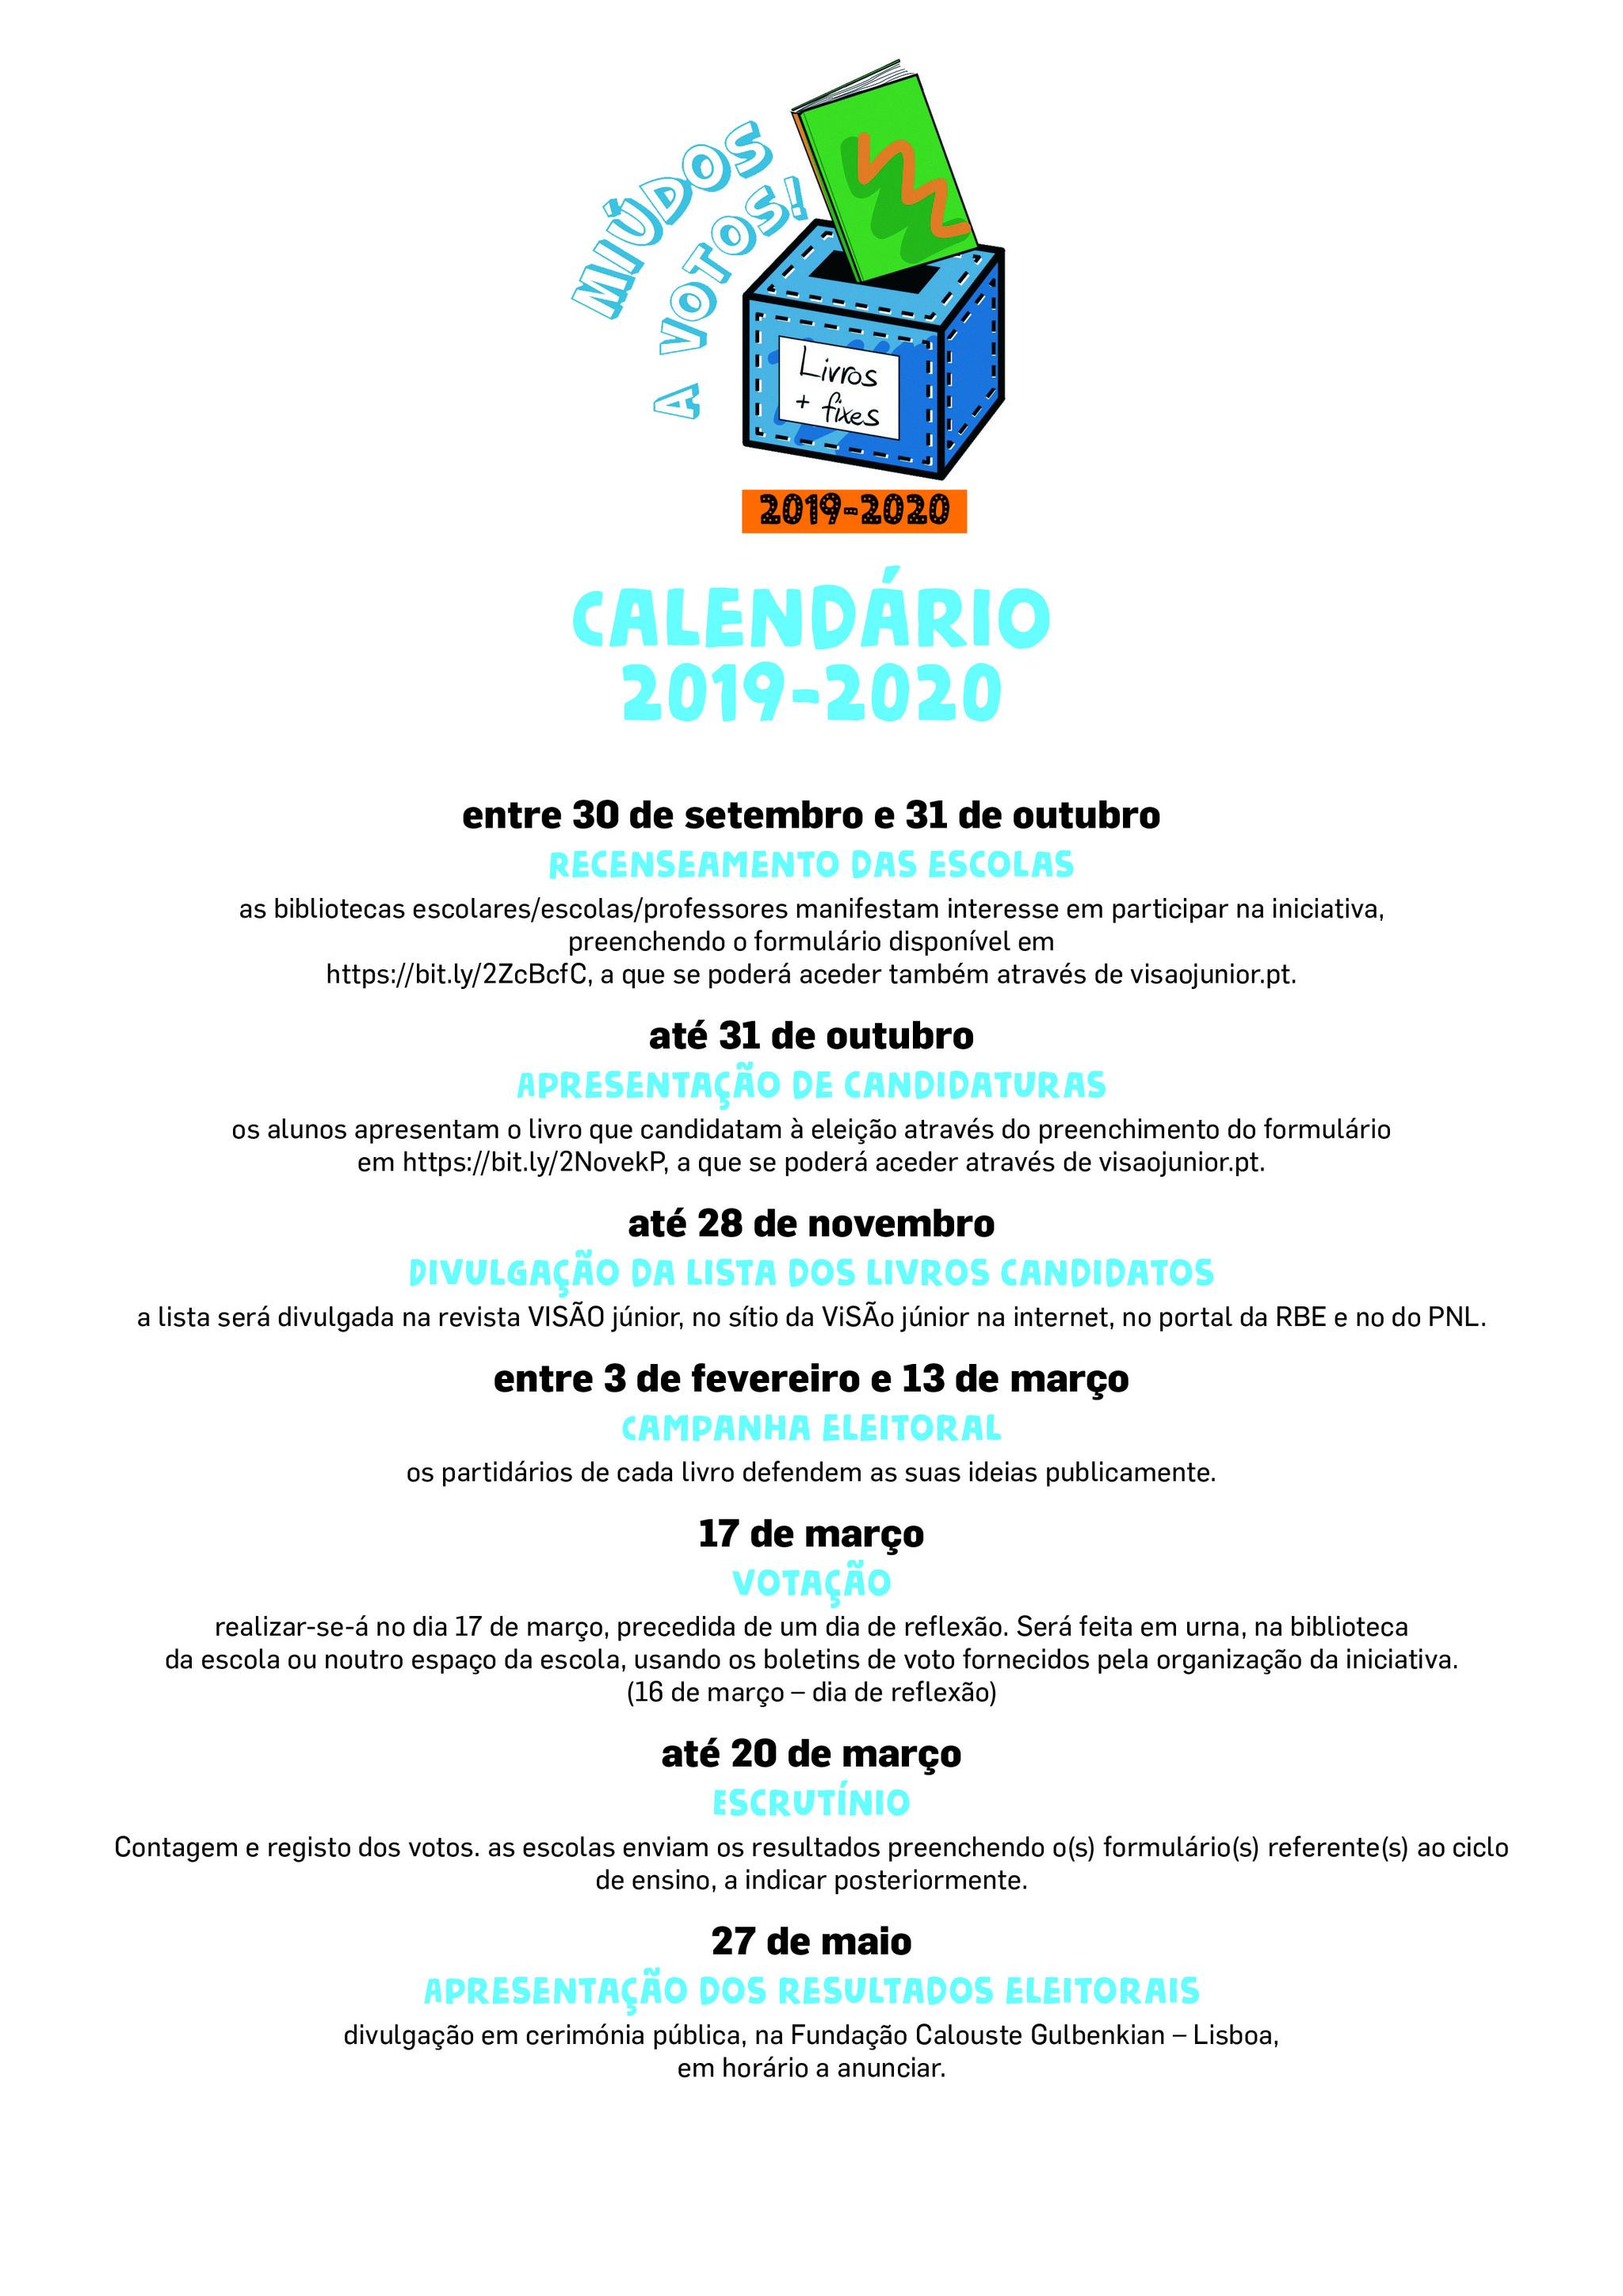 CALENDARIO 2019-2020.jpg